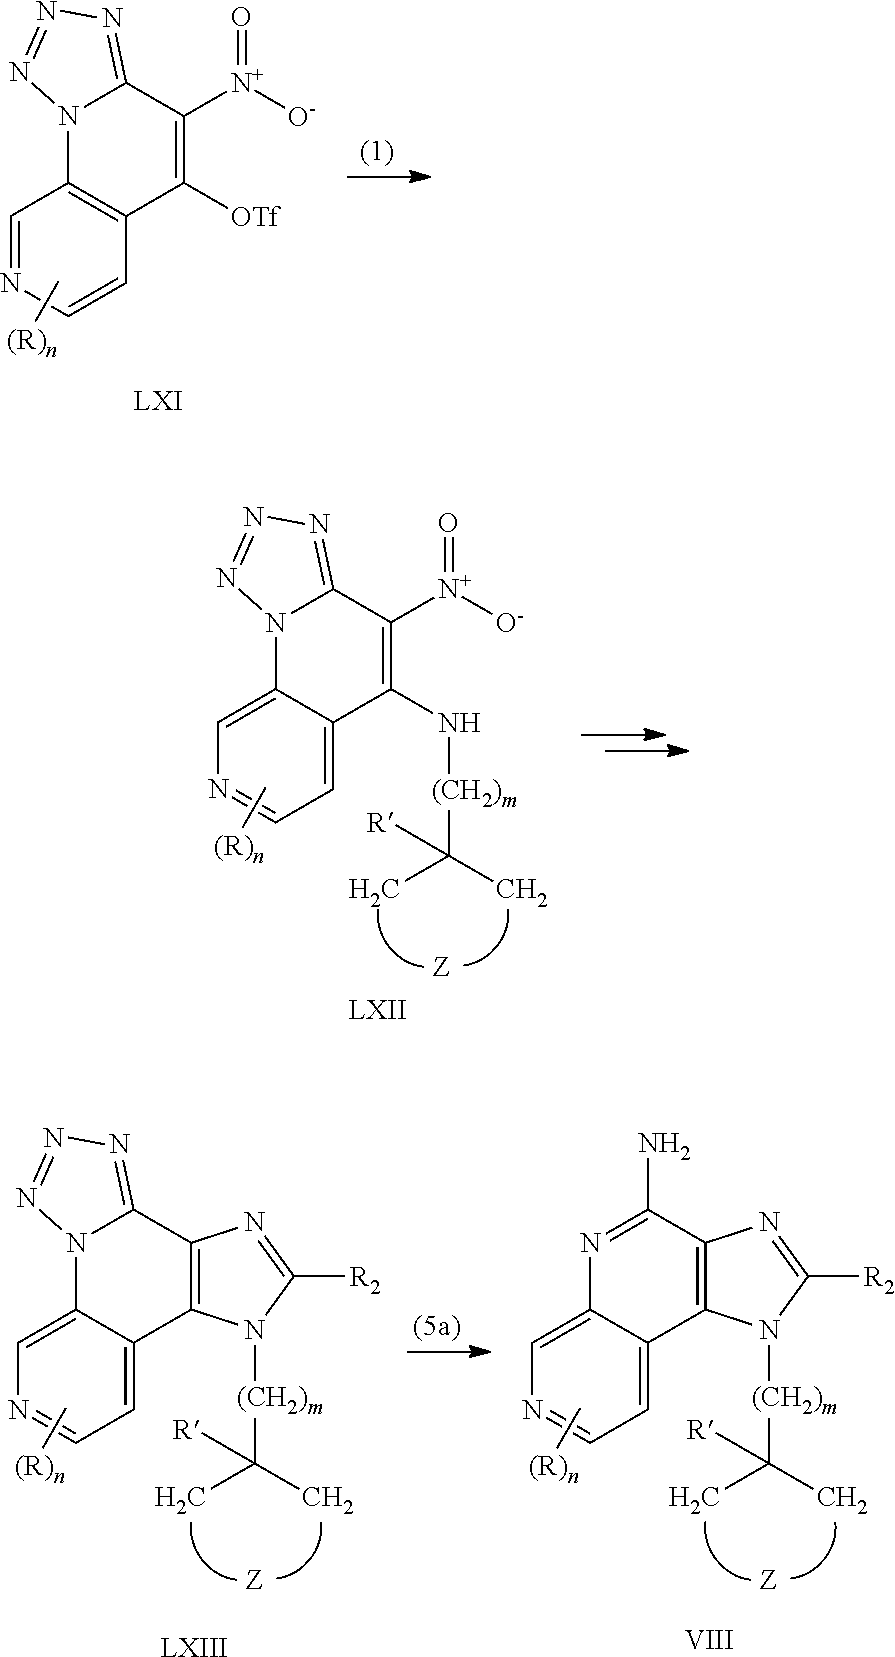 Figure US09938275-20180410-C00062